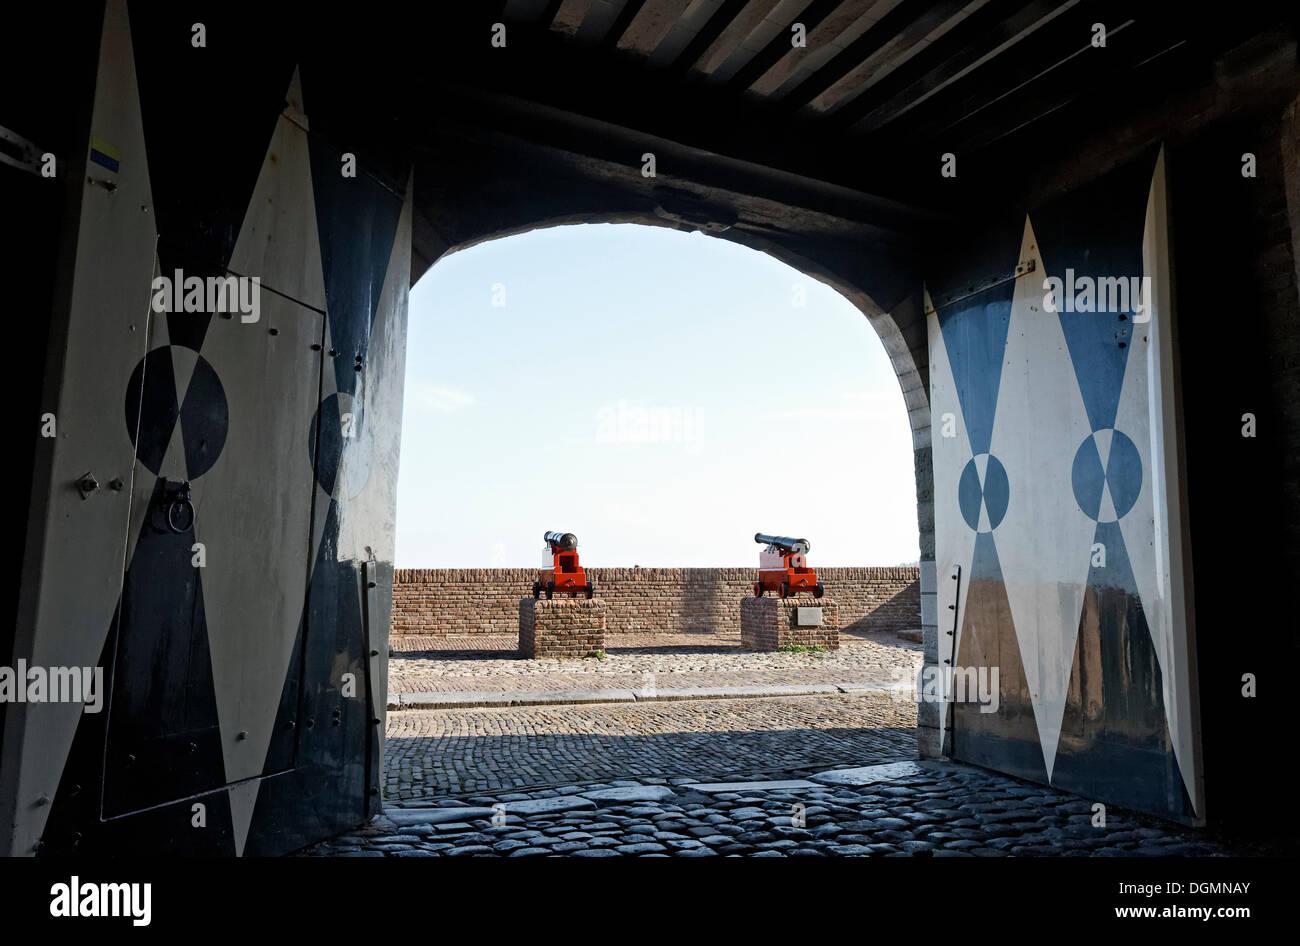 Kanonen vor die Campveerse Toren Verteidigung Turm, historische Stadt Veere, Walcheren, Zeeland, Niederlande, Europa Stockbild